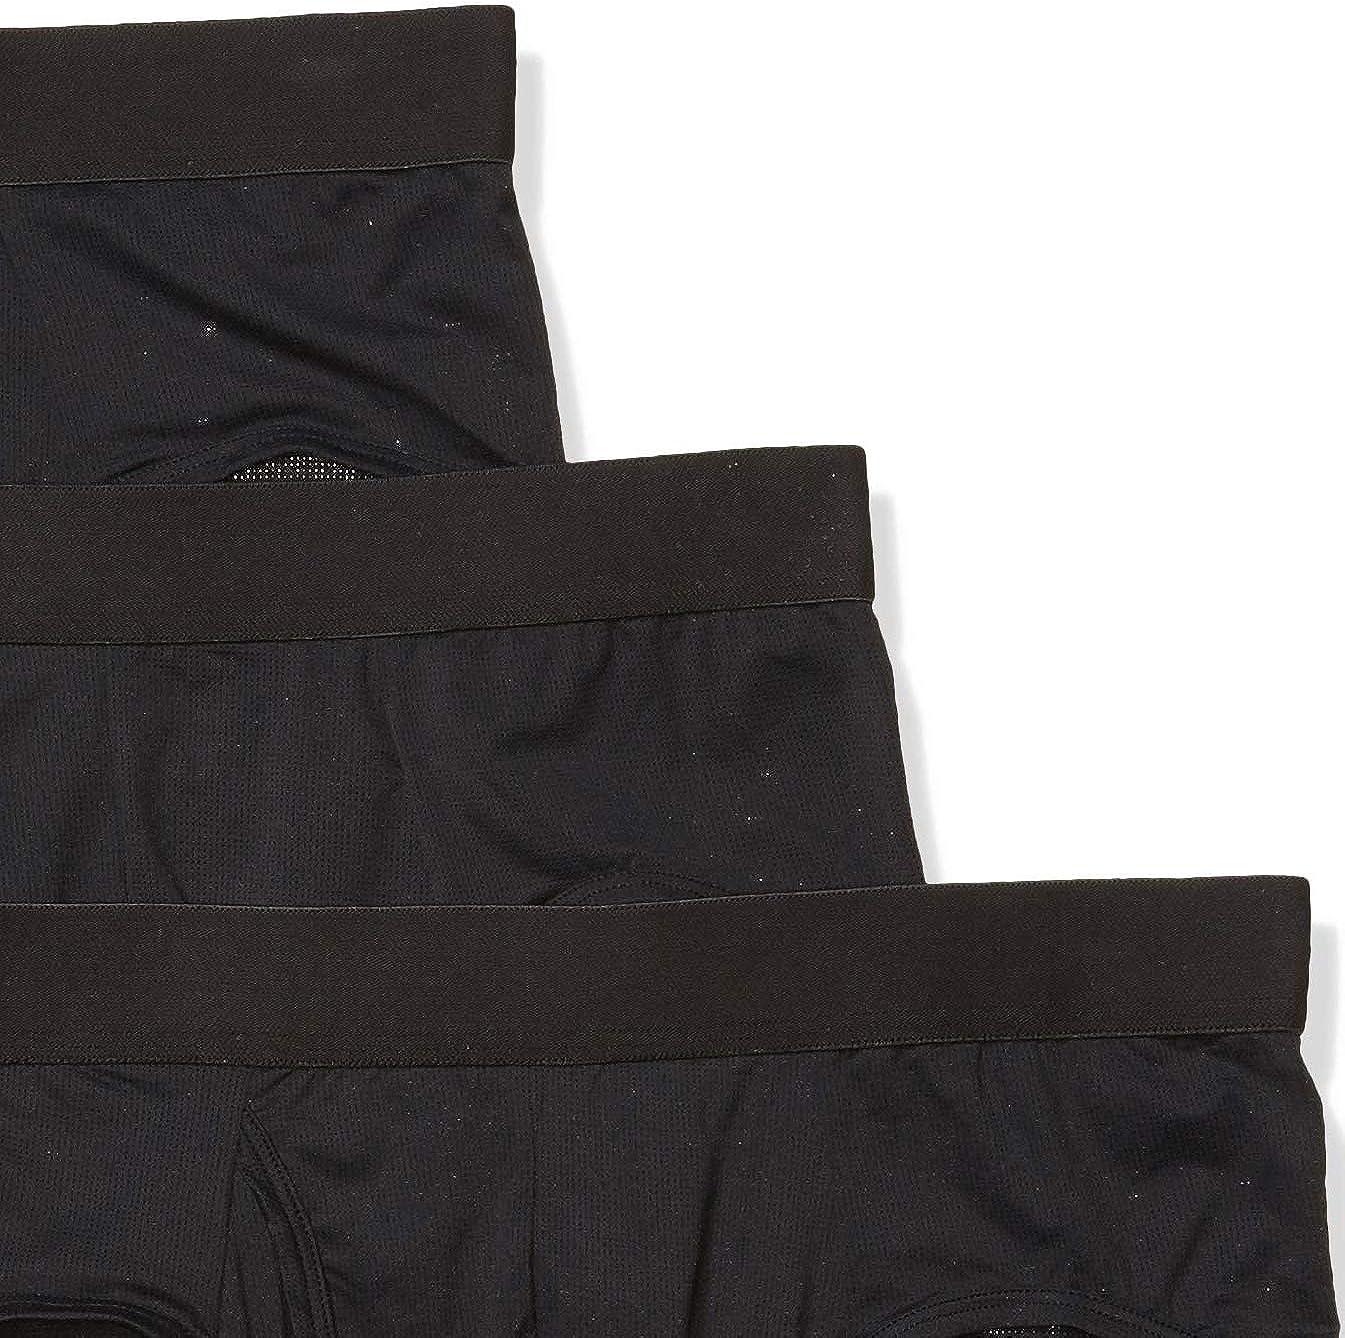 Goodthreads Men's 3-Pack Lightweight Performance Knit Brief